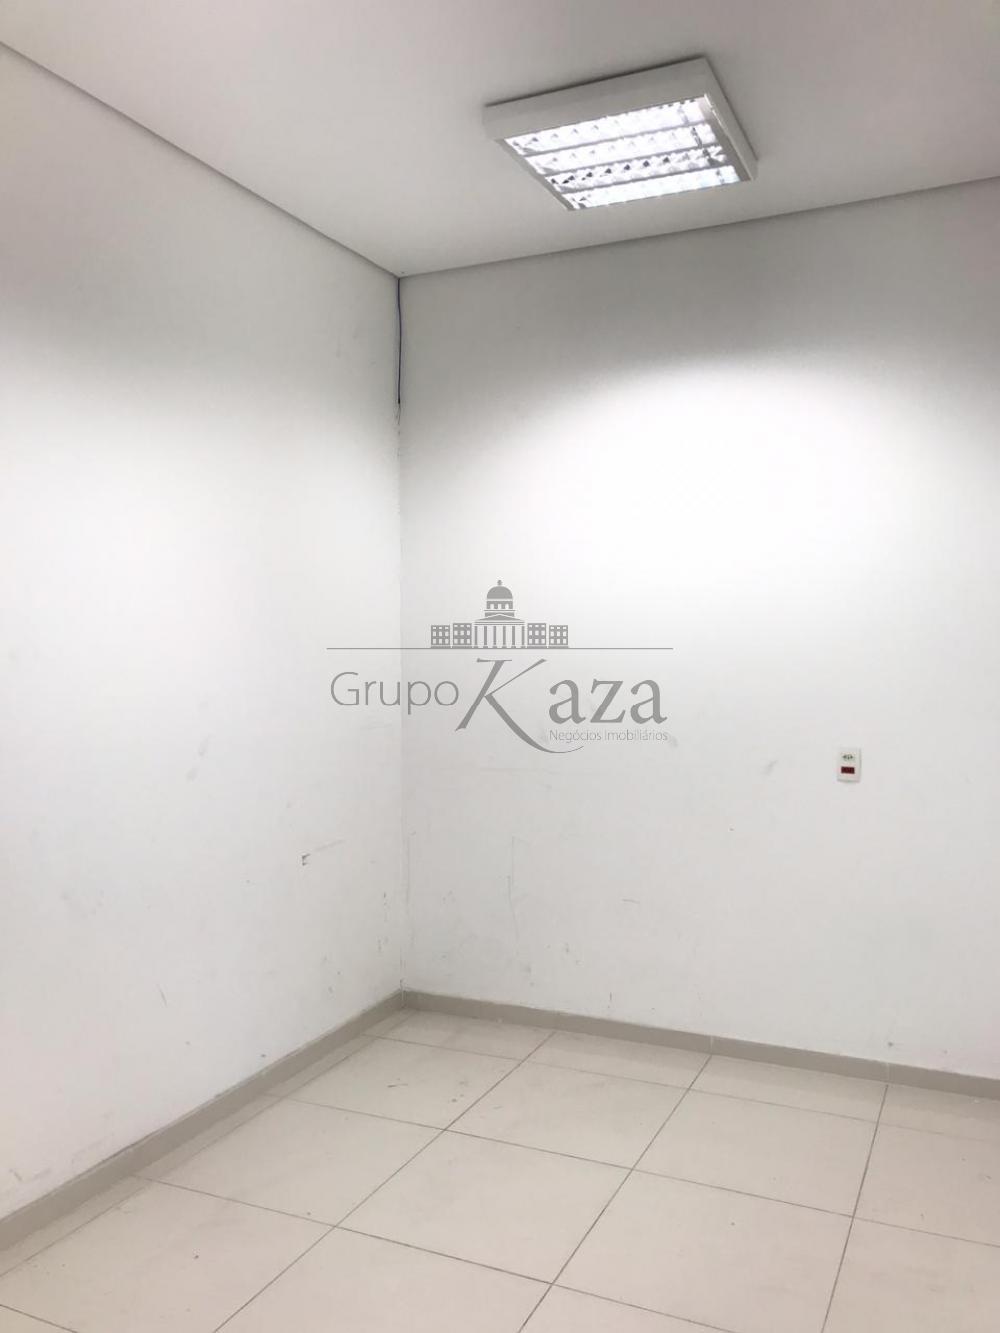 Alugar Comercial/Industrial / Prédio em São José dos Campos apenas R$ 60.000,00 - Foto 11